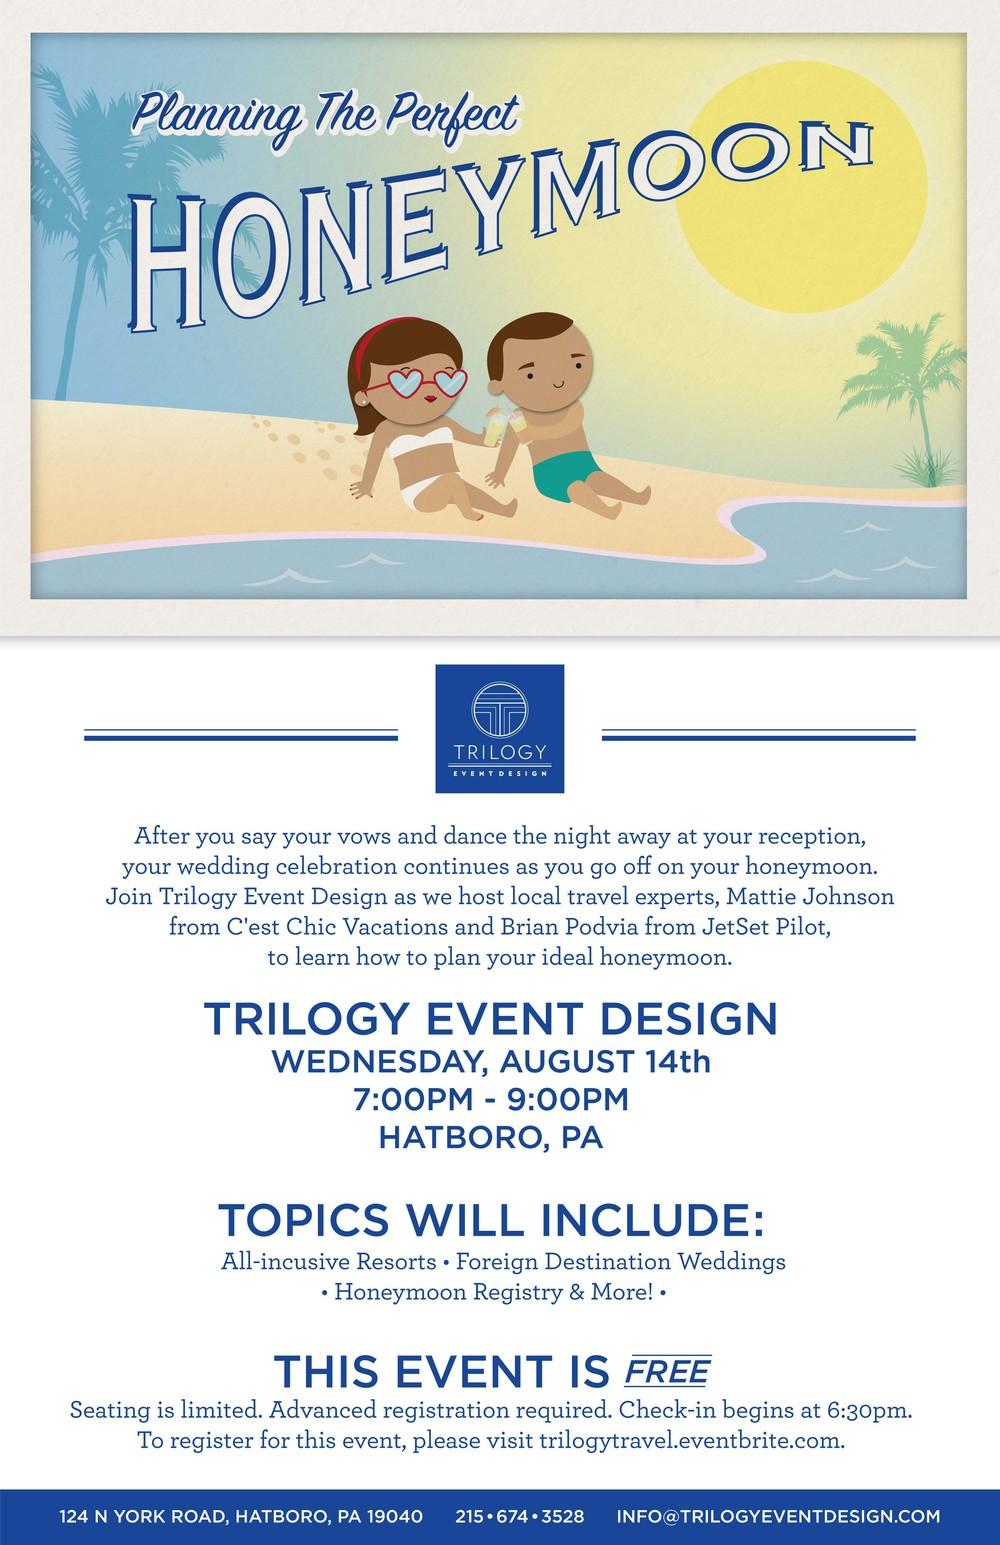 Poster design by Trilogy Event Design Designer, Teddy Nguyen